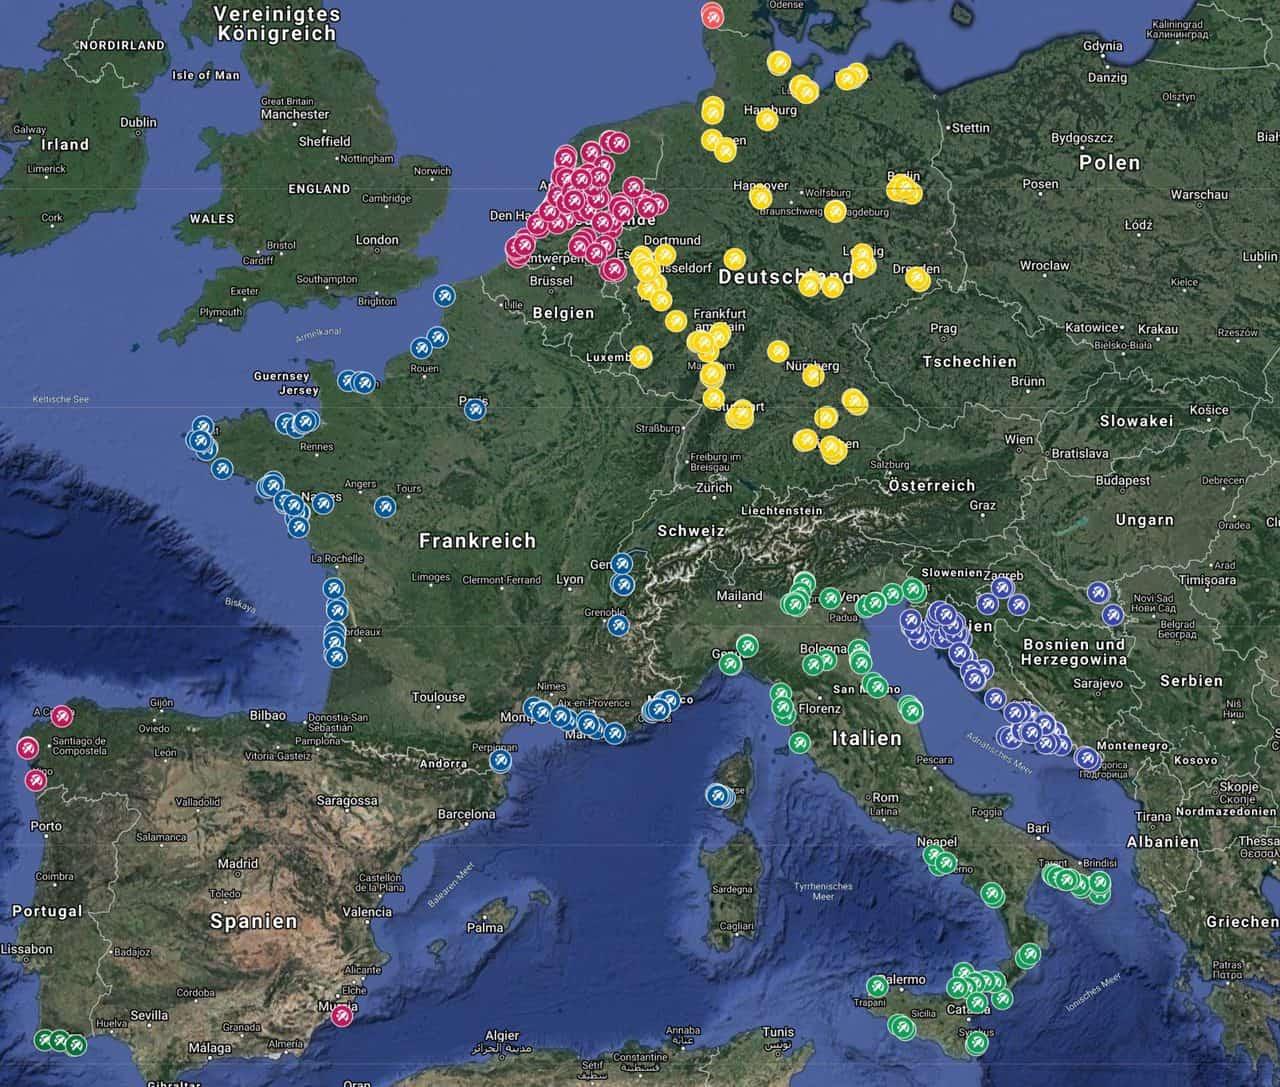 Die-besten-Strände-Sand-Deutschland-Niederland-Frankreich-Italien-Kroatien-Satellitenansicht